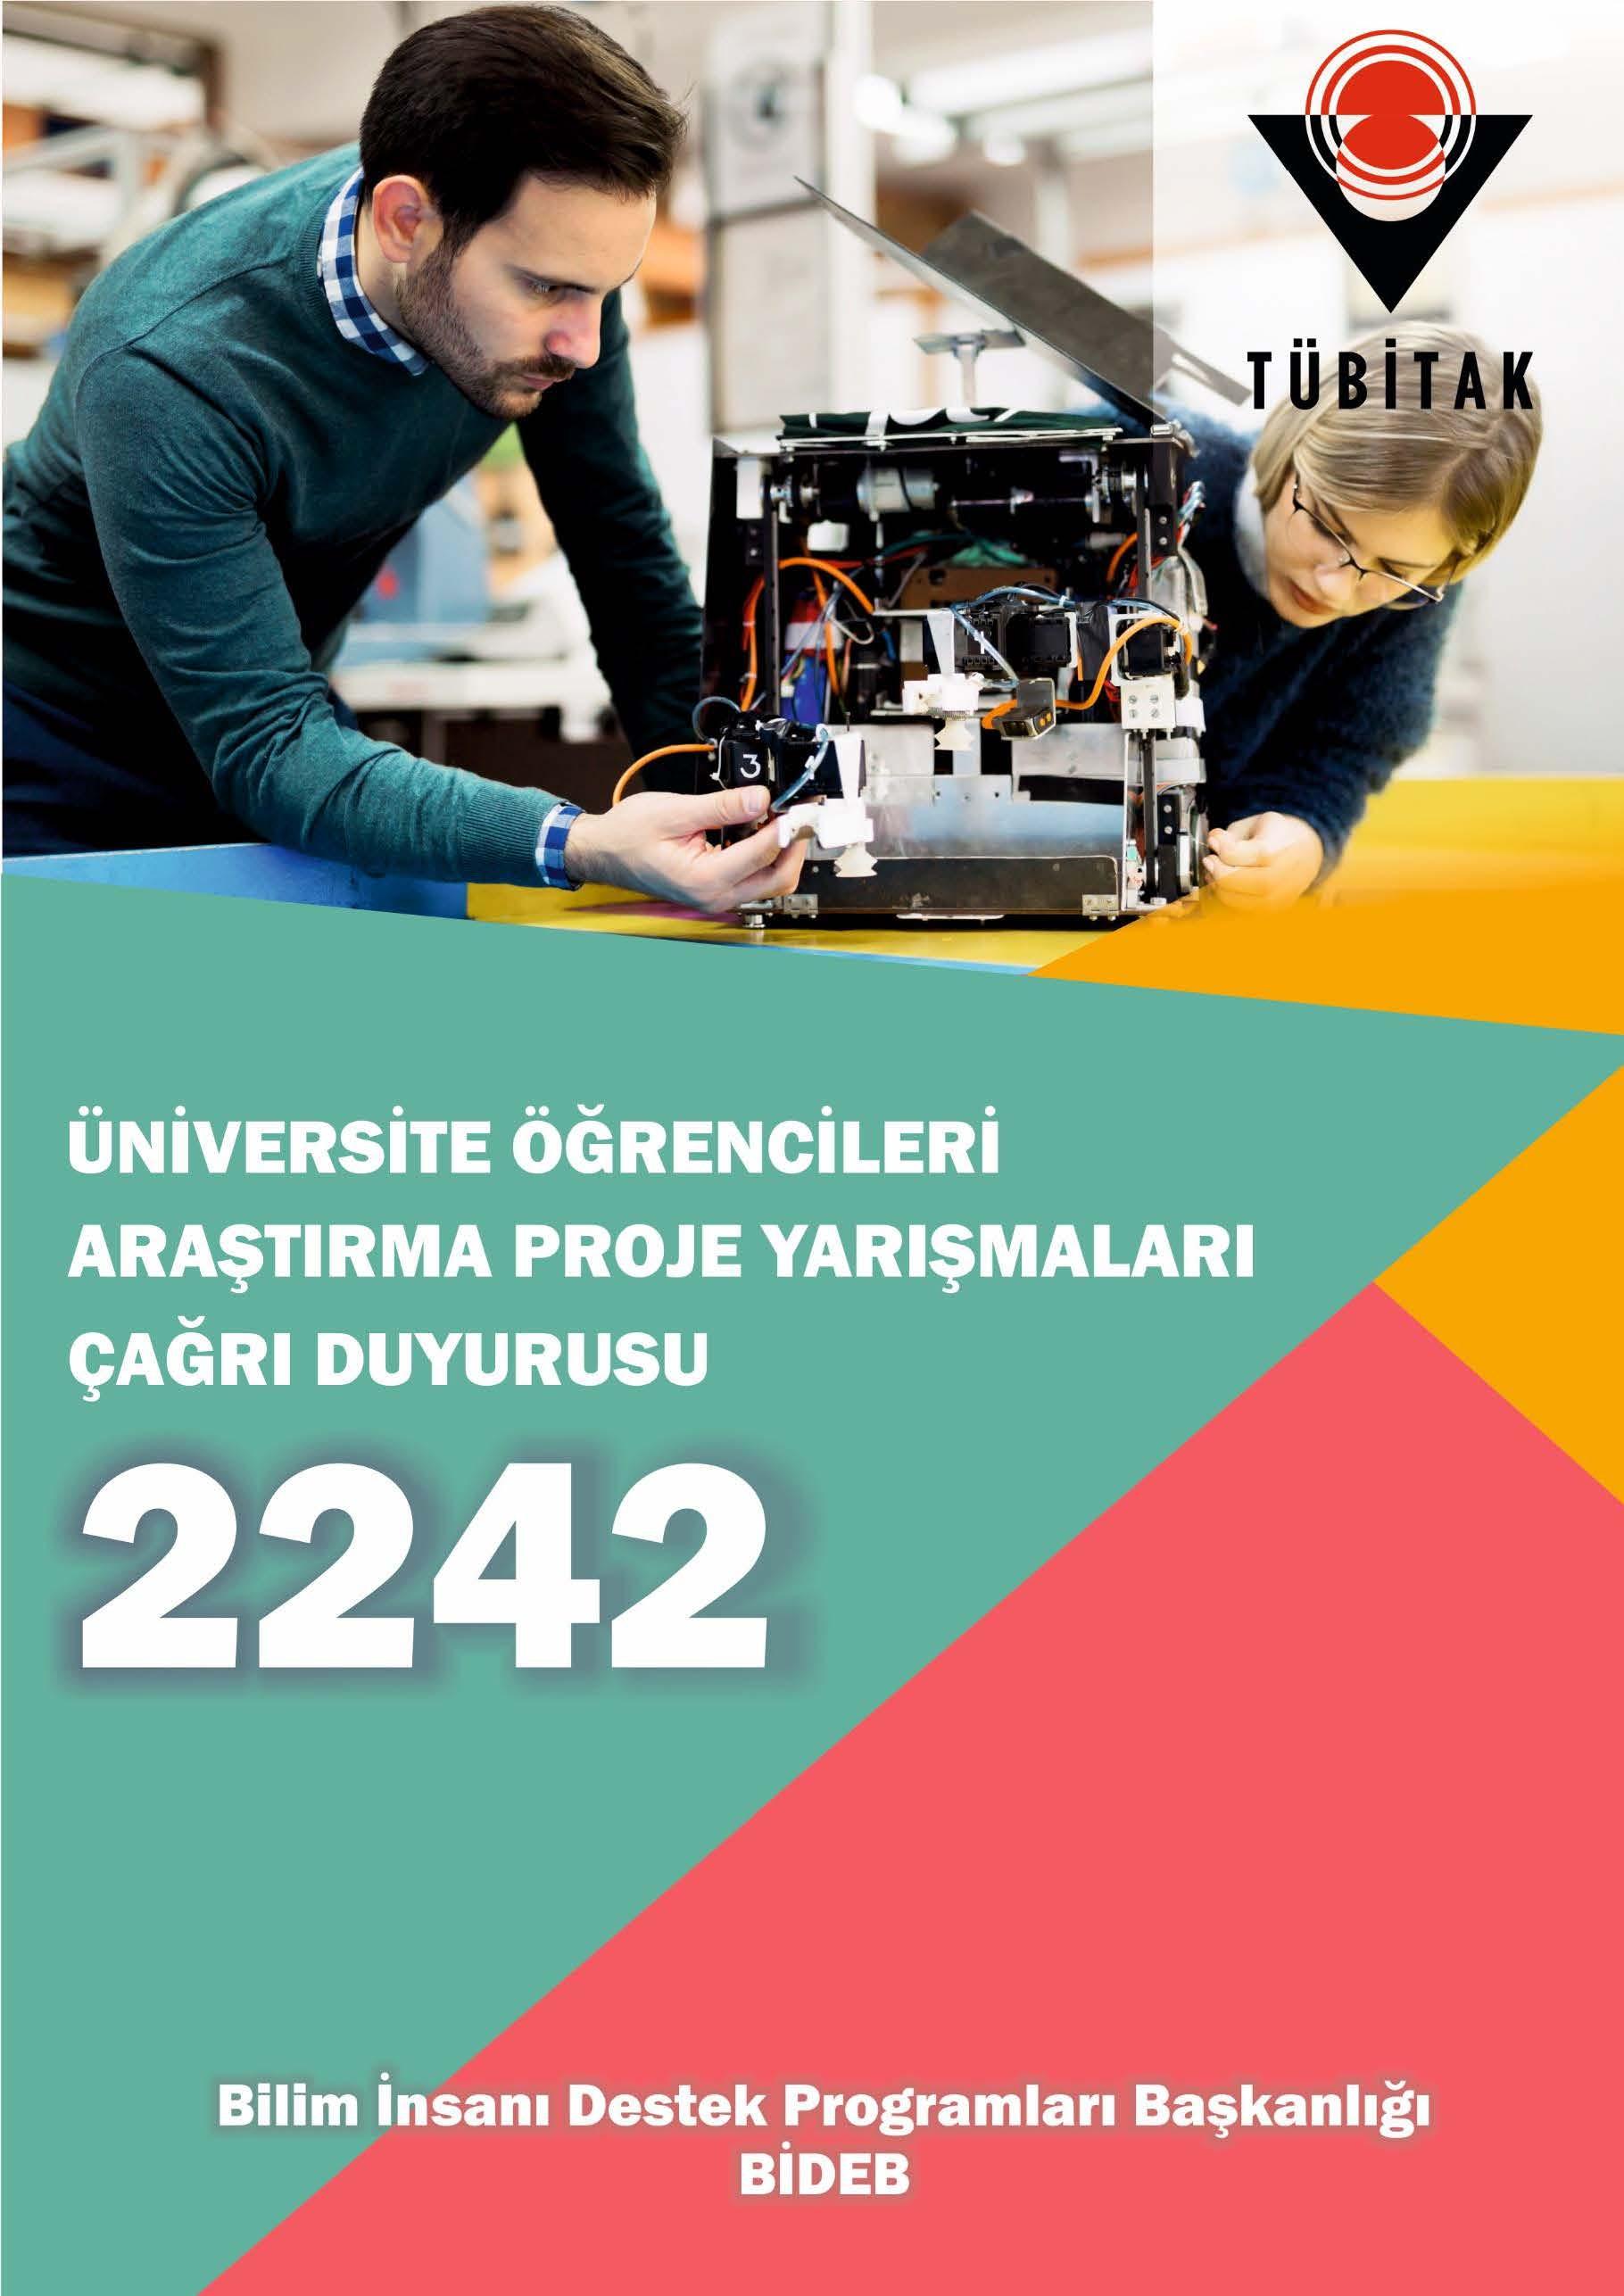 2242-Üniversite Öğrencileri Araştırma Proje Yarışmaları